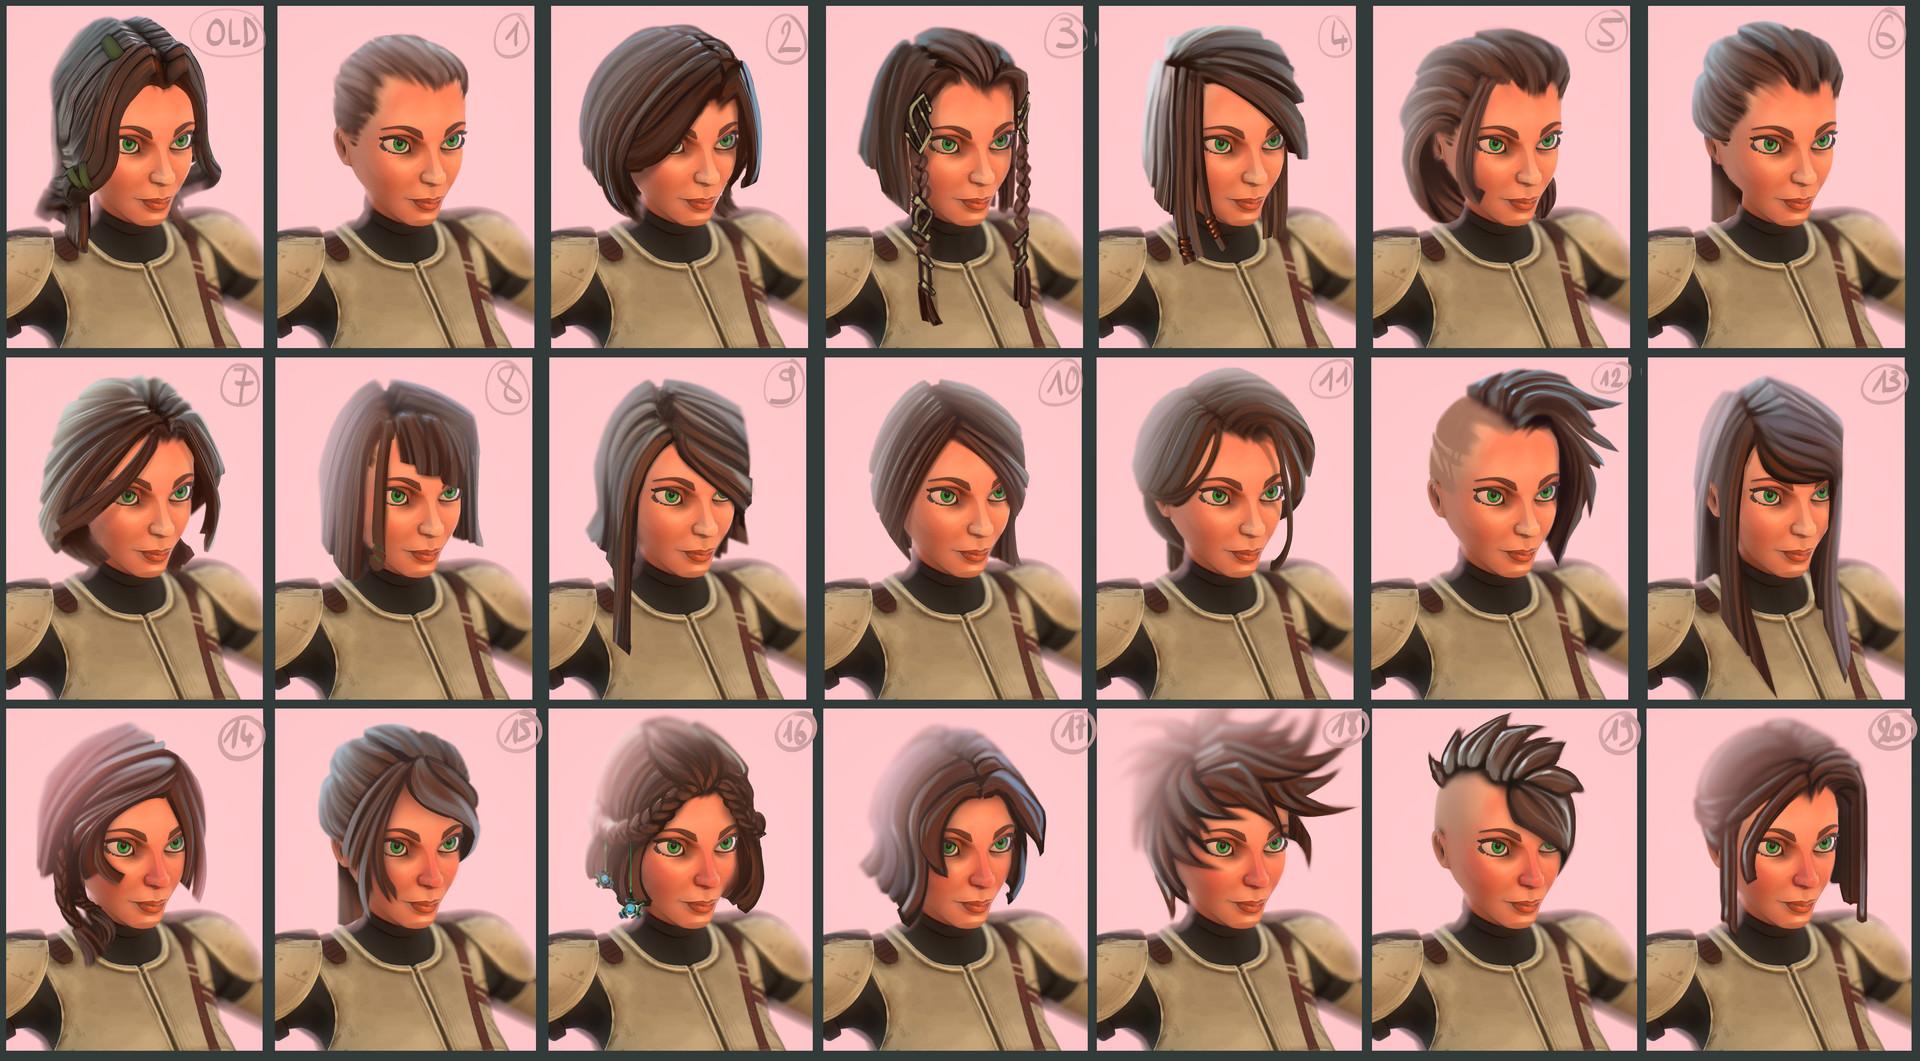 Etienne beschet hairstyles